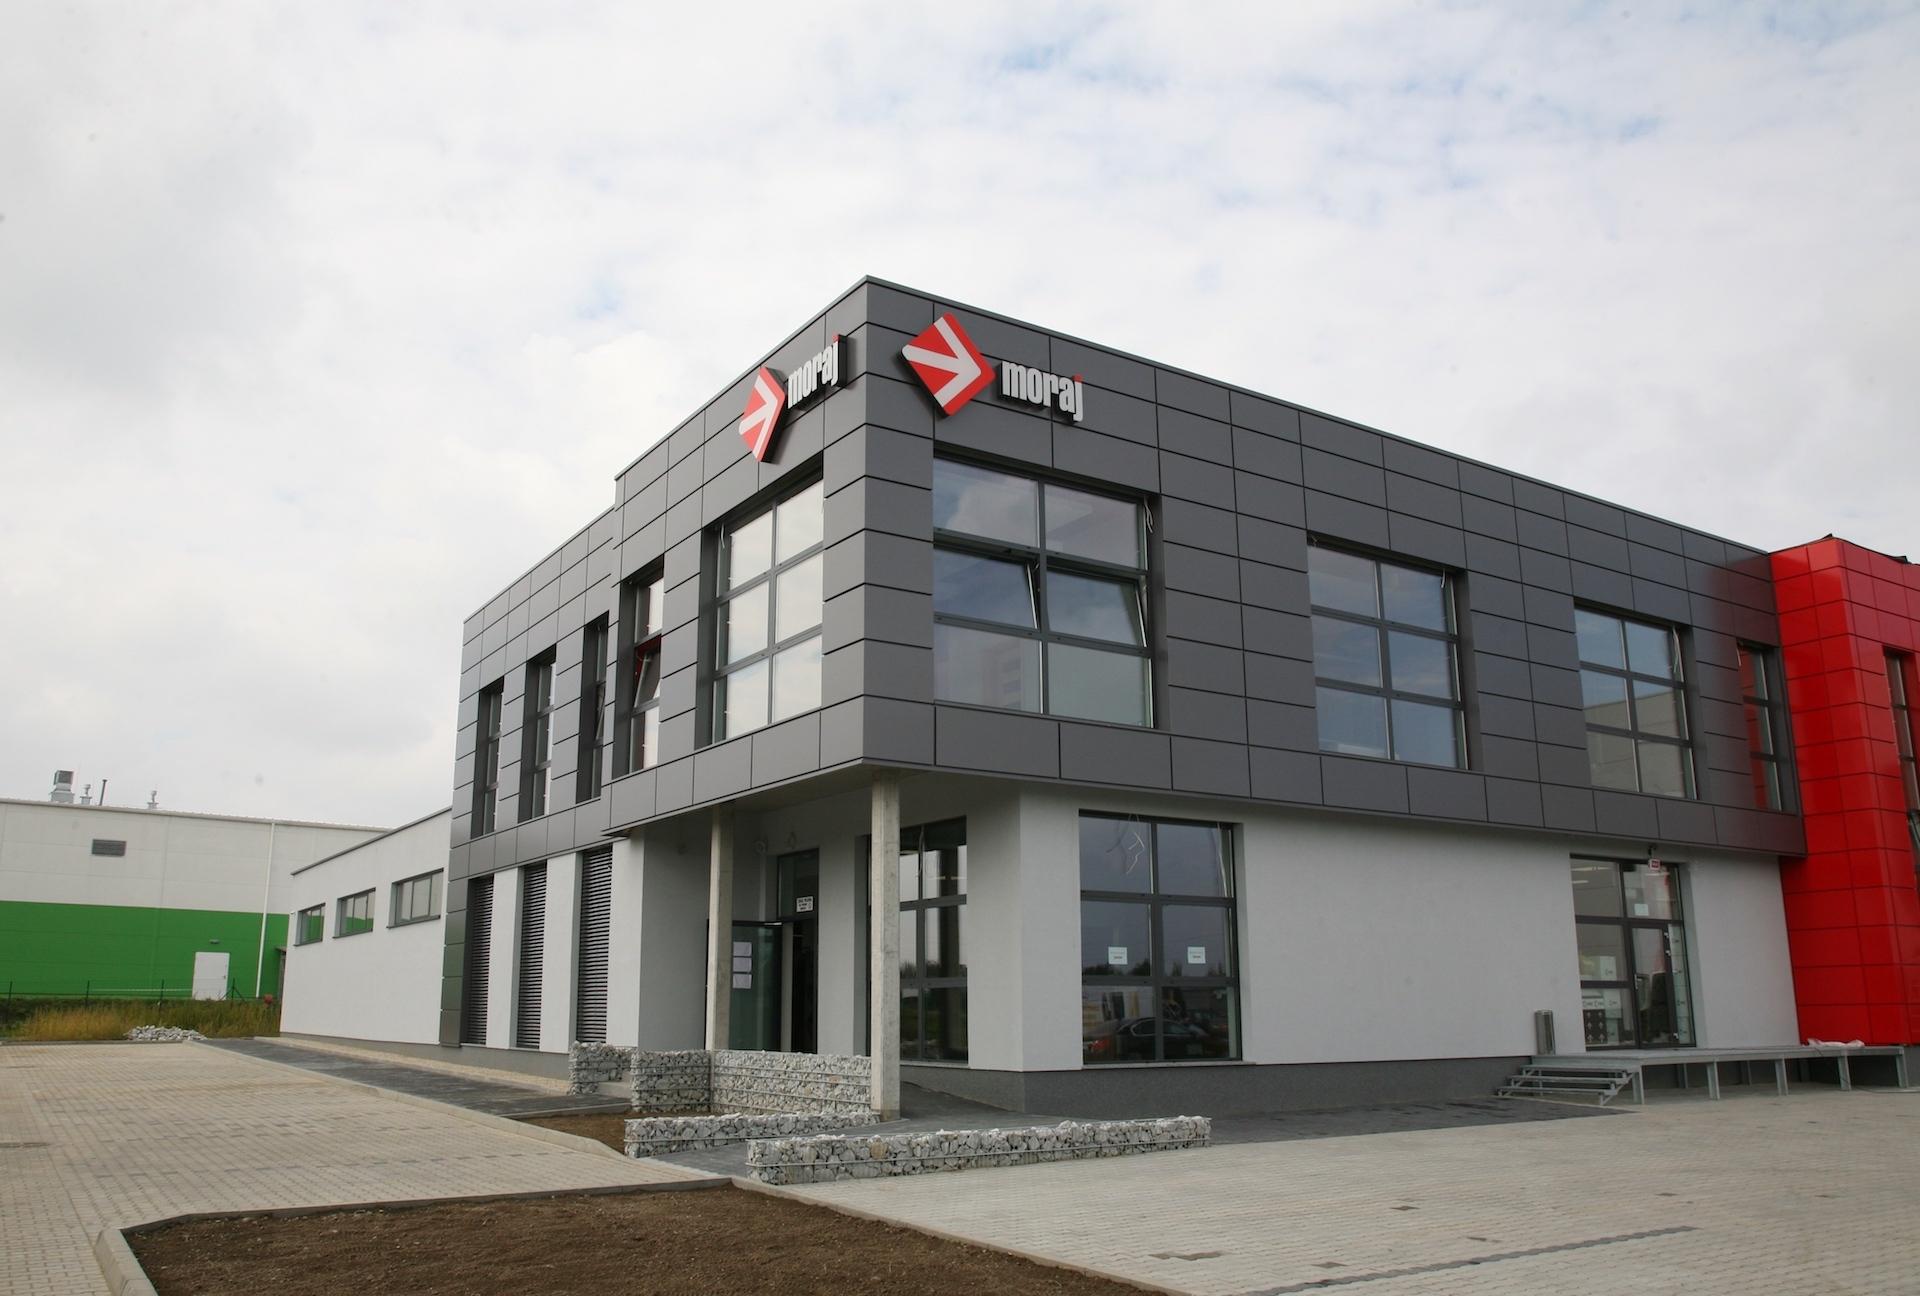 Kamiński - Budownictwo. Generalne wykonawstwo, kompleksowa realizacja obiektów budowlanych, generalny wykonawca obiektów kubaturowych, salony samochodowe.